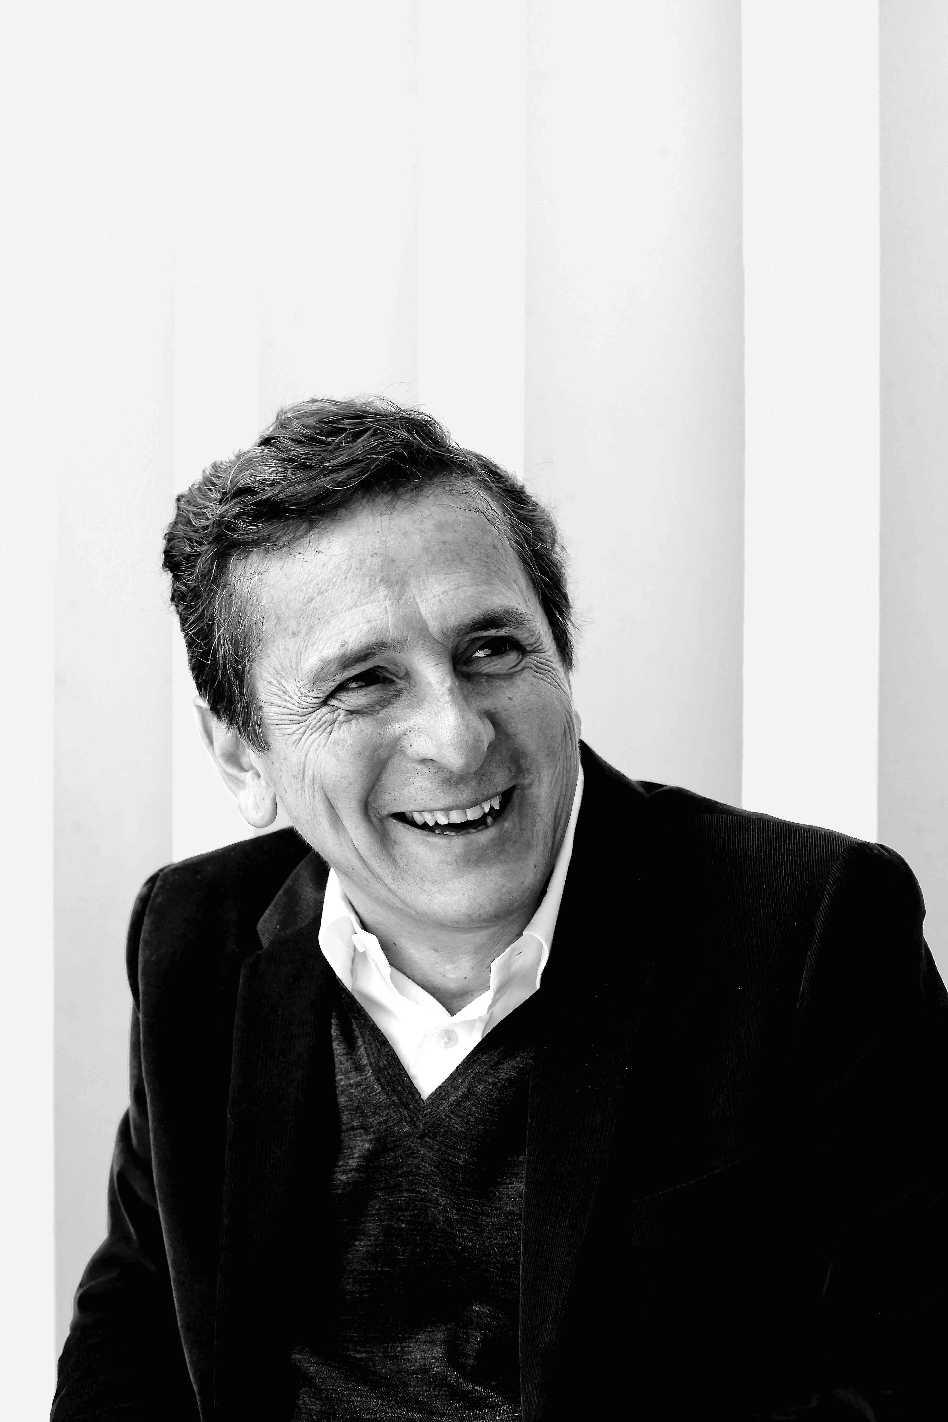 Jacques Herzog & Emilio Tuñón  - 13 05 37